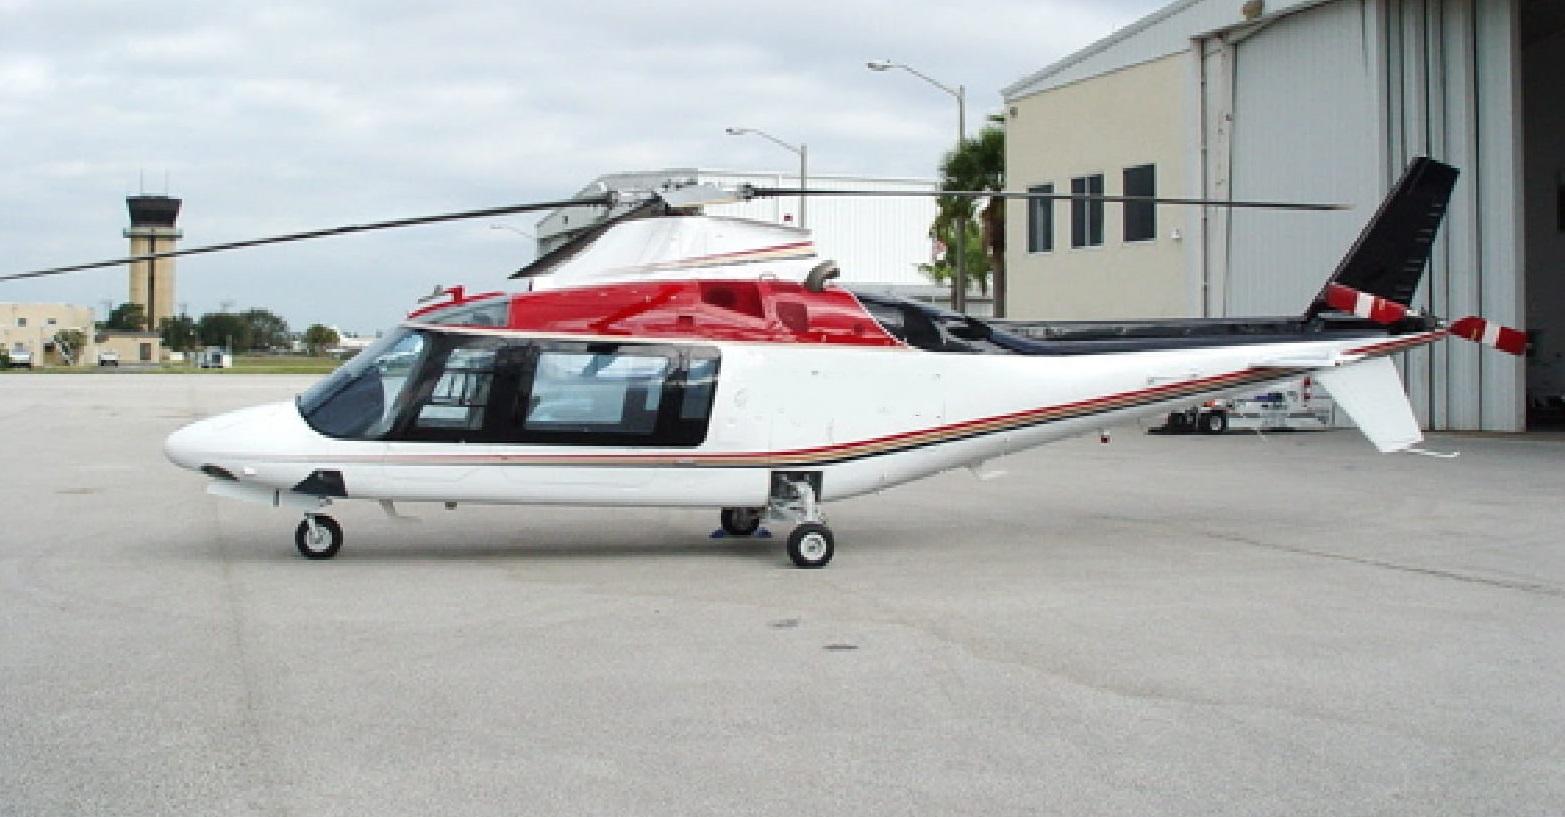 Aircraft Listing - Agusta A109AII listed for sale